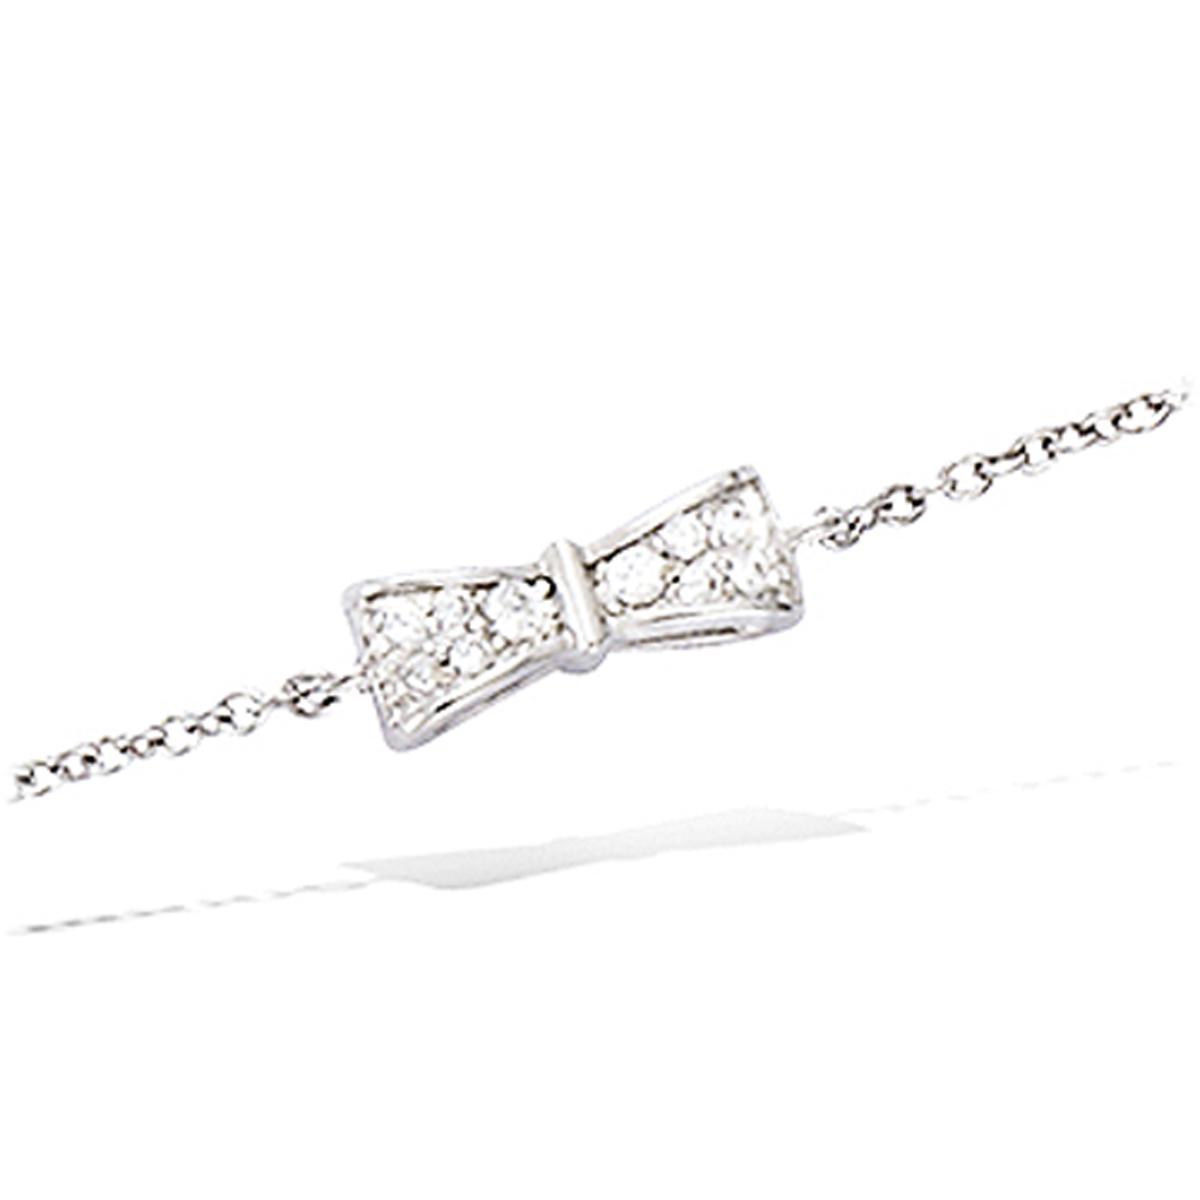 Bracelet Argent \'Noeud Romantique\' blanc argenté (rhodié) - 11x4 mm - [L7200]